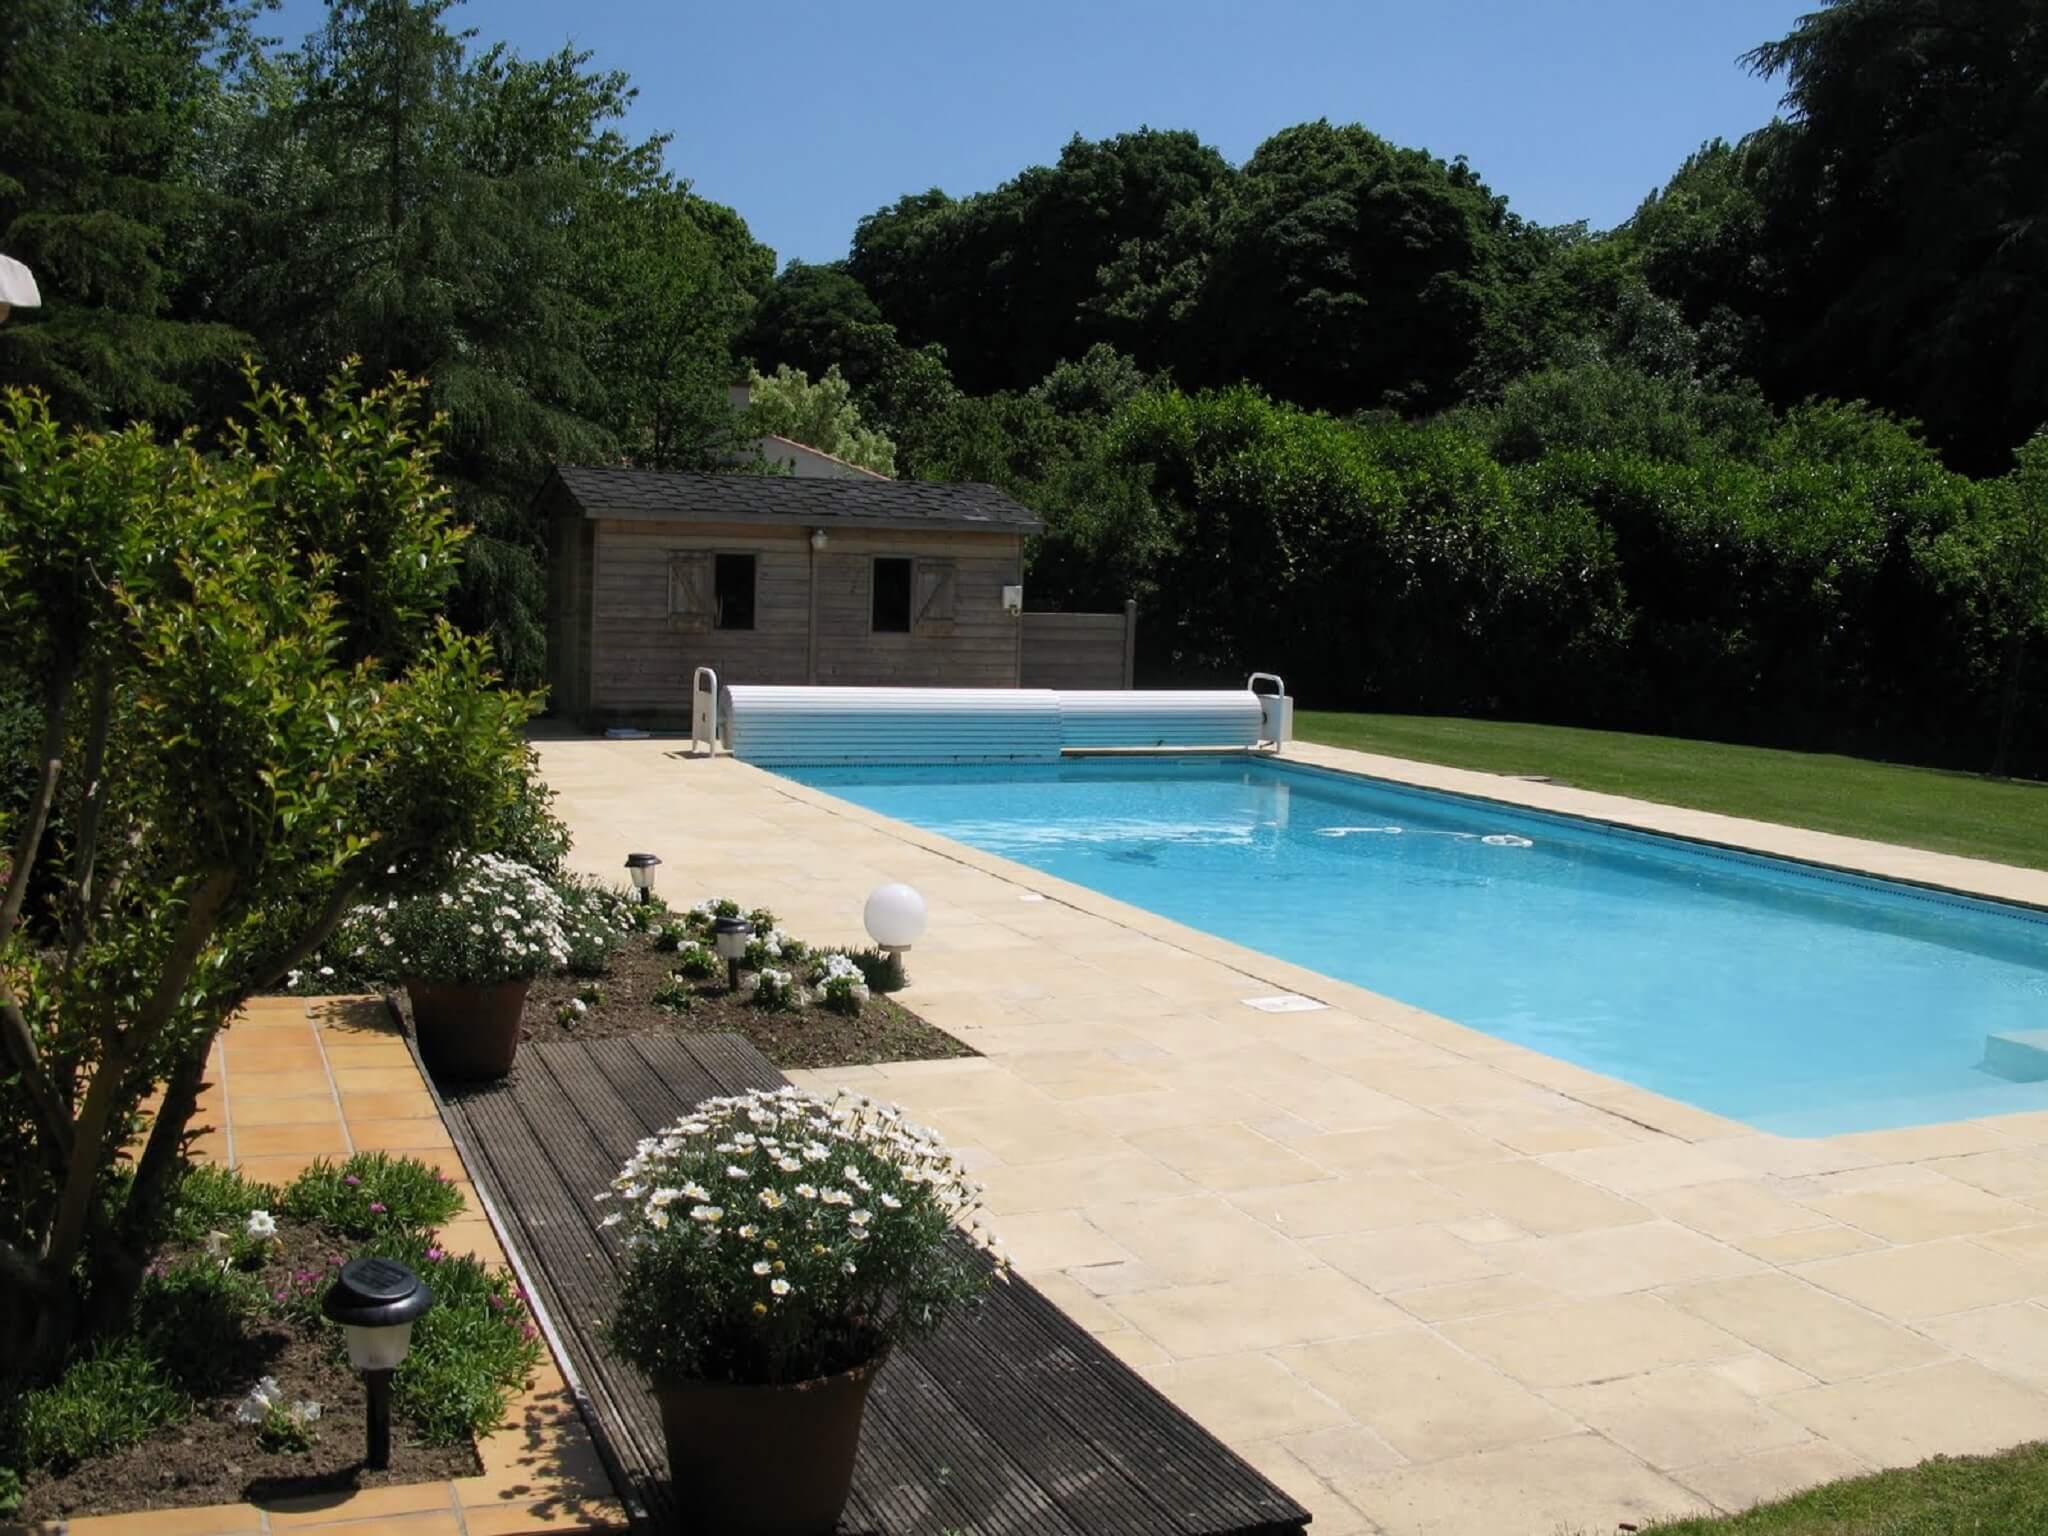 chambre d'hotes avec une piscine chauffée idéalement située au cœur de la Vendée proche du puy du fou